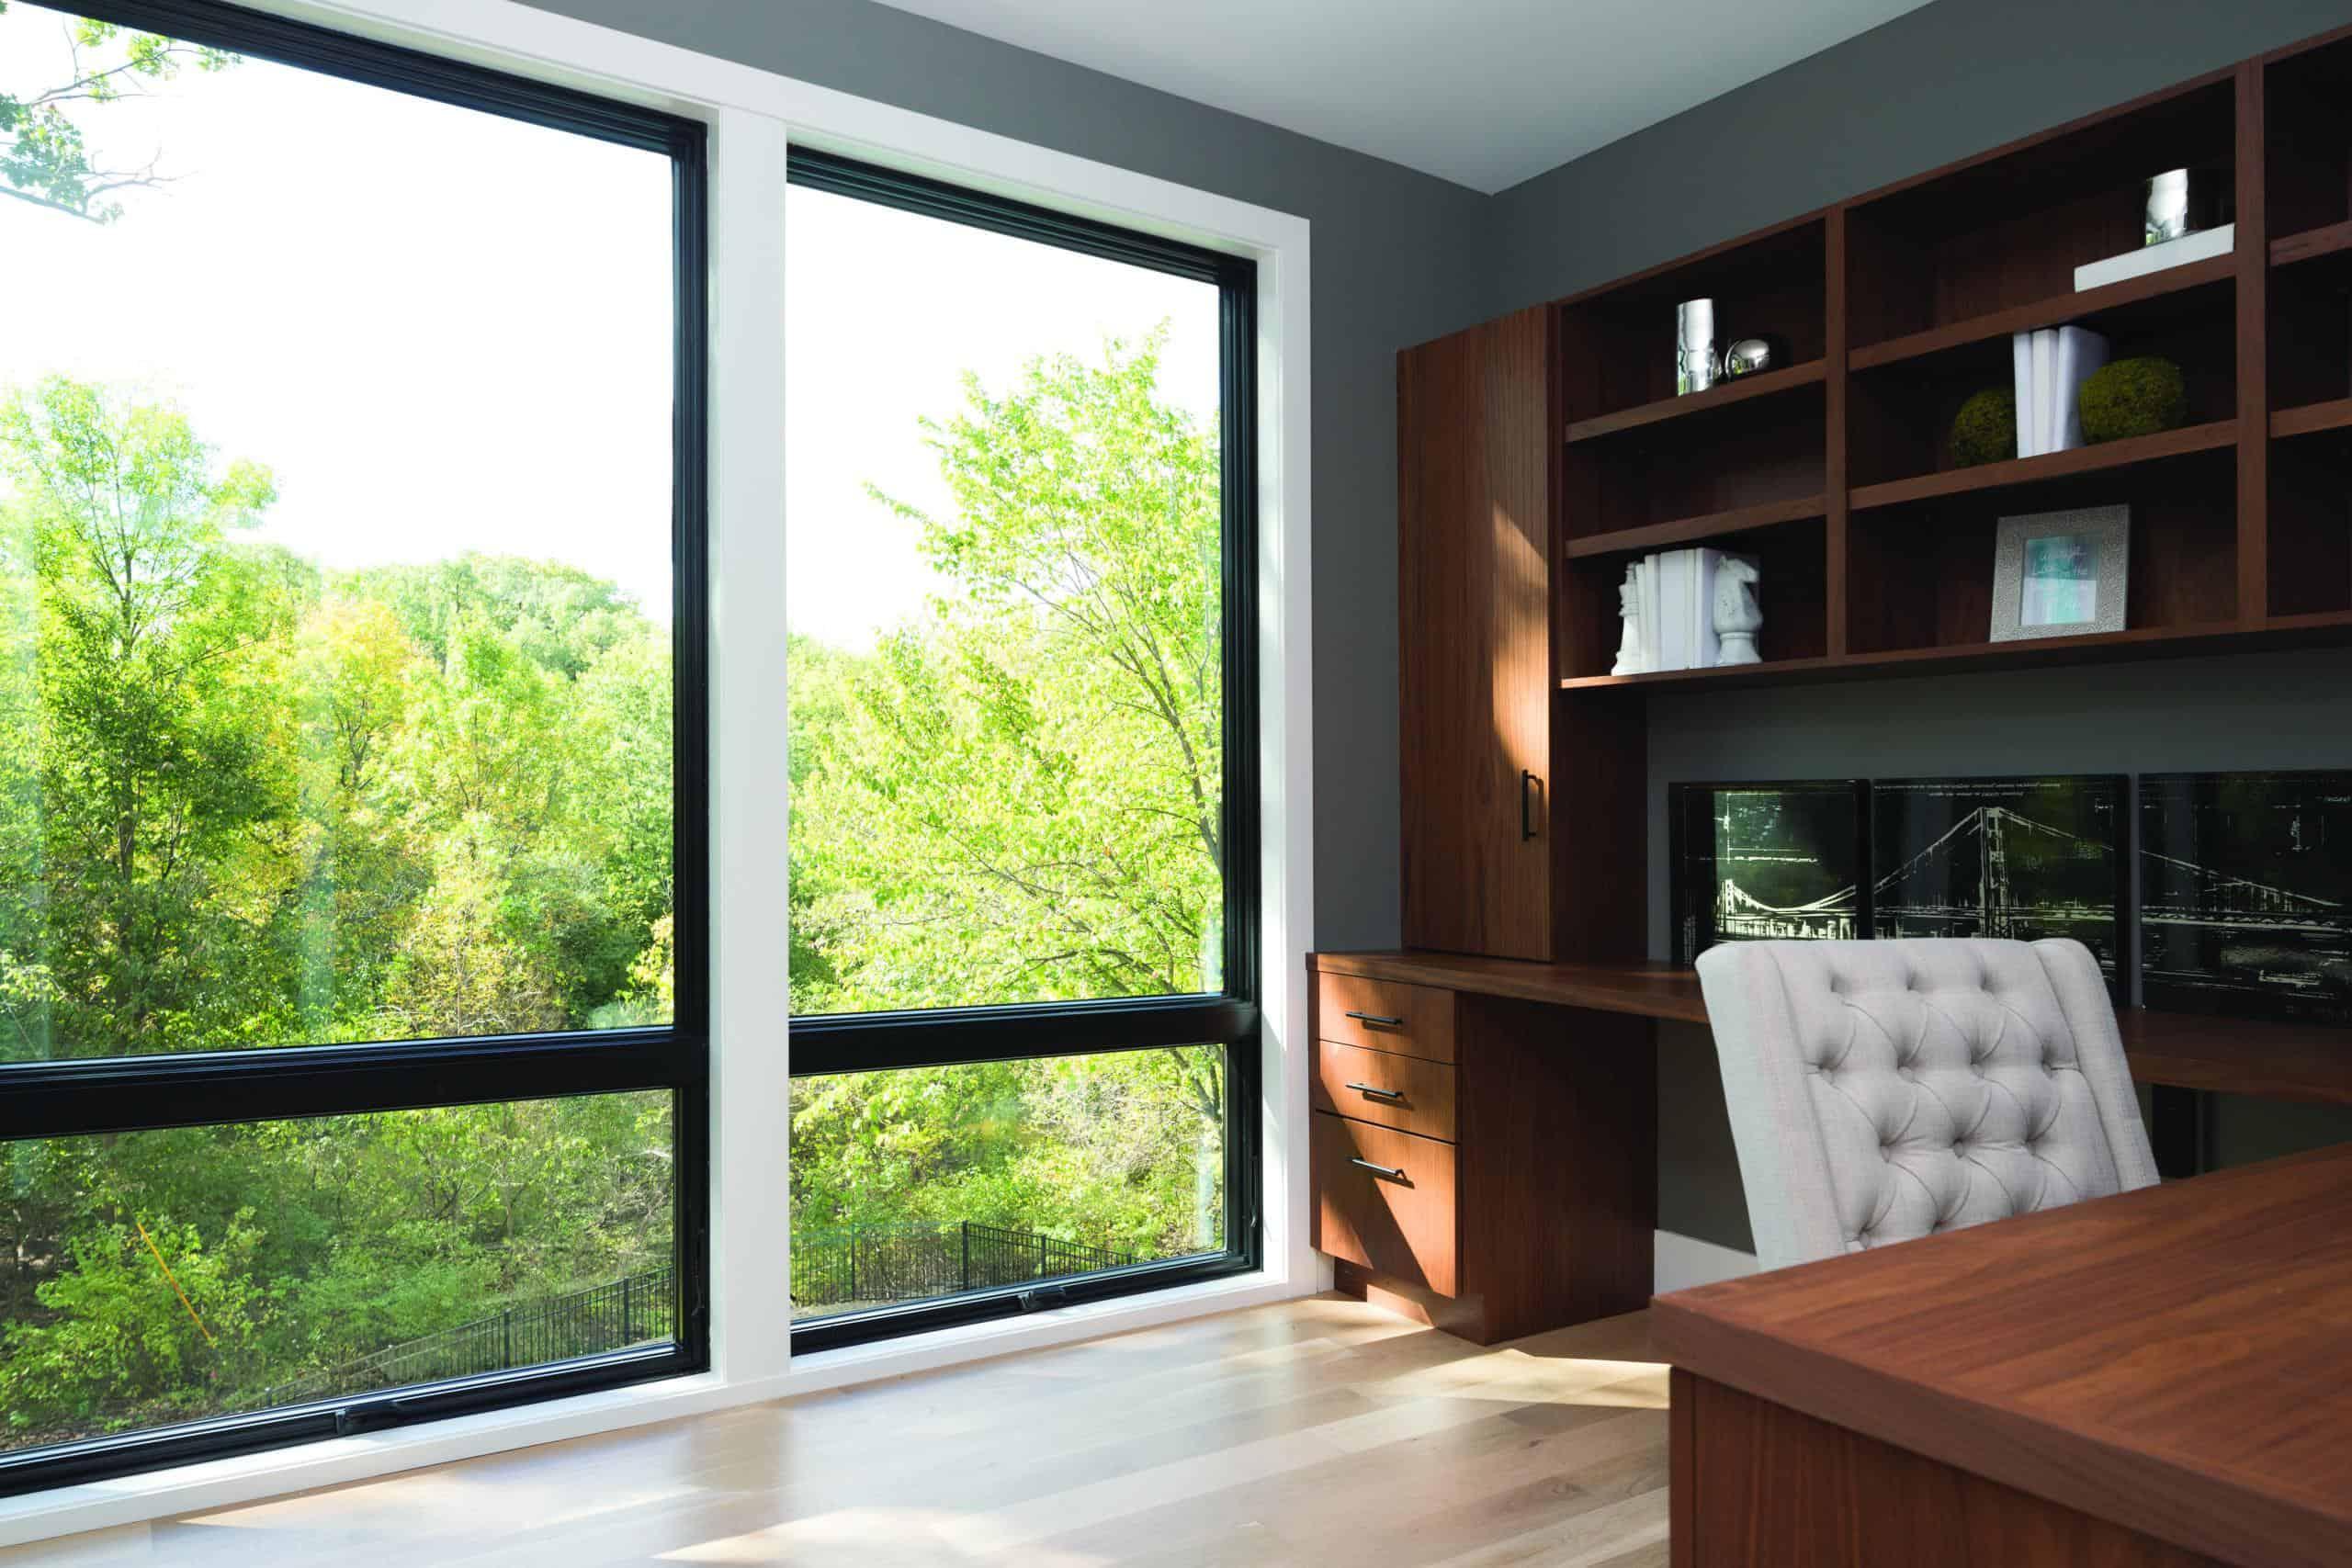 Featured Prodcut Andersen Windows and Doors 400 Series